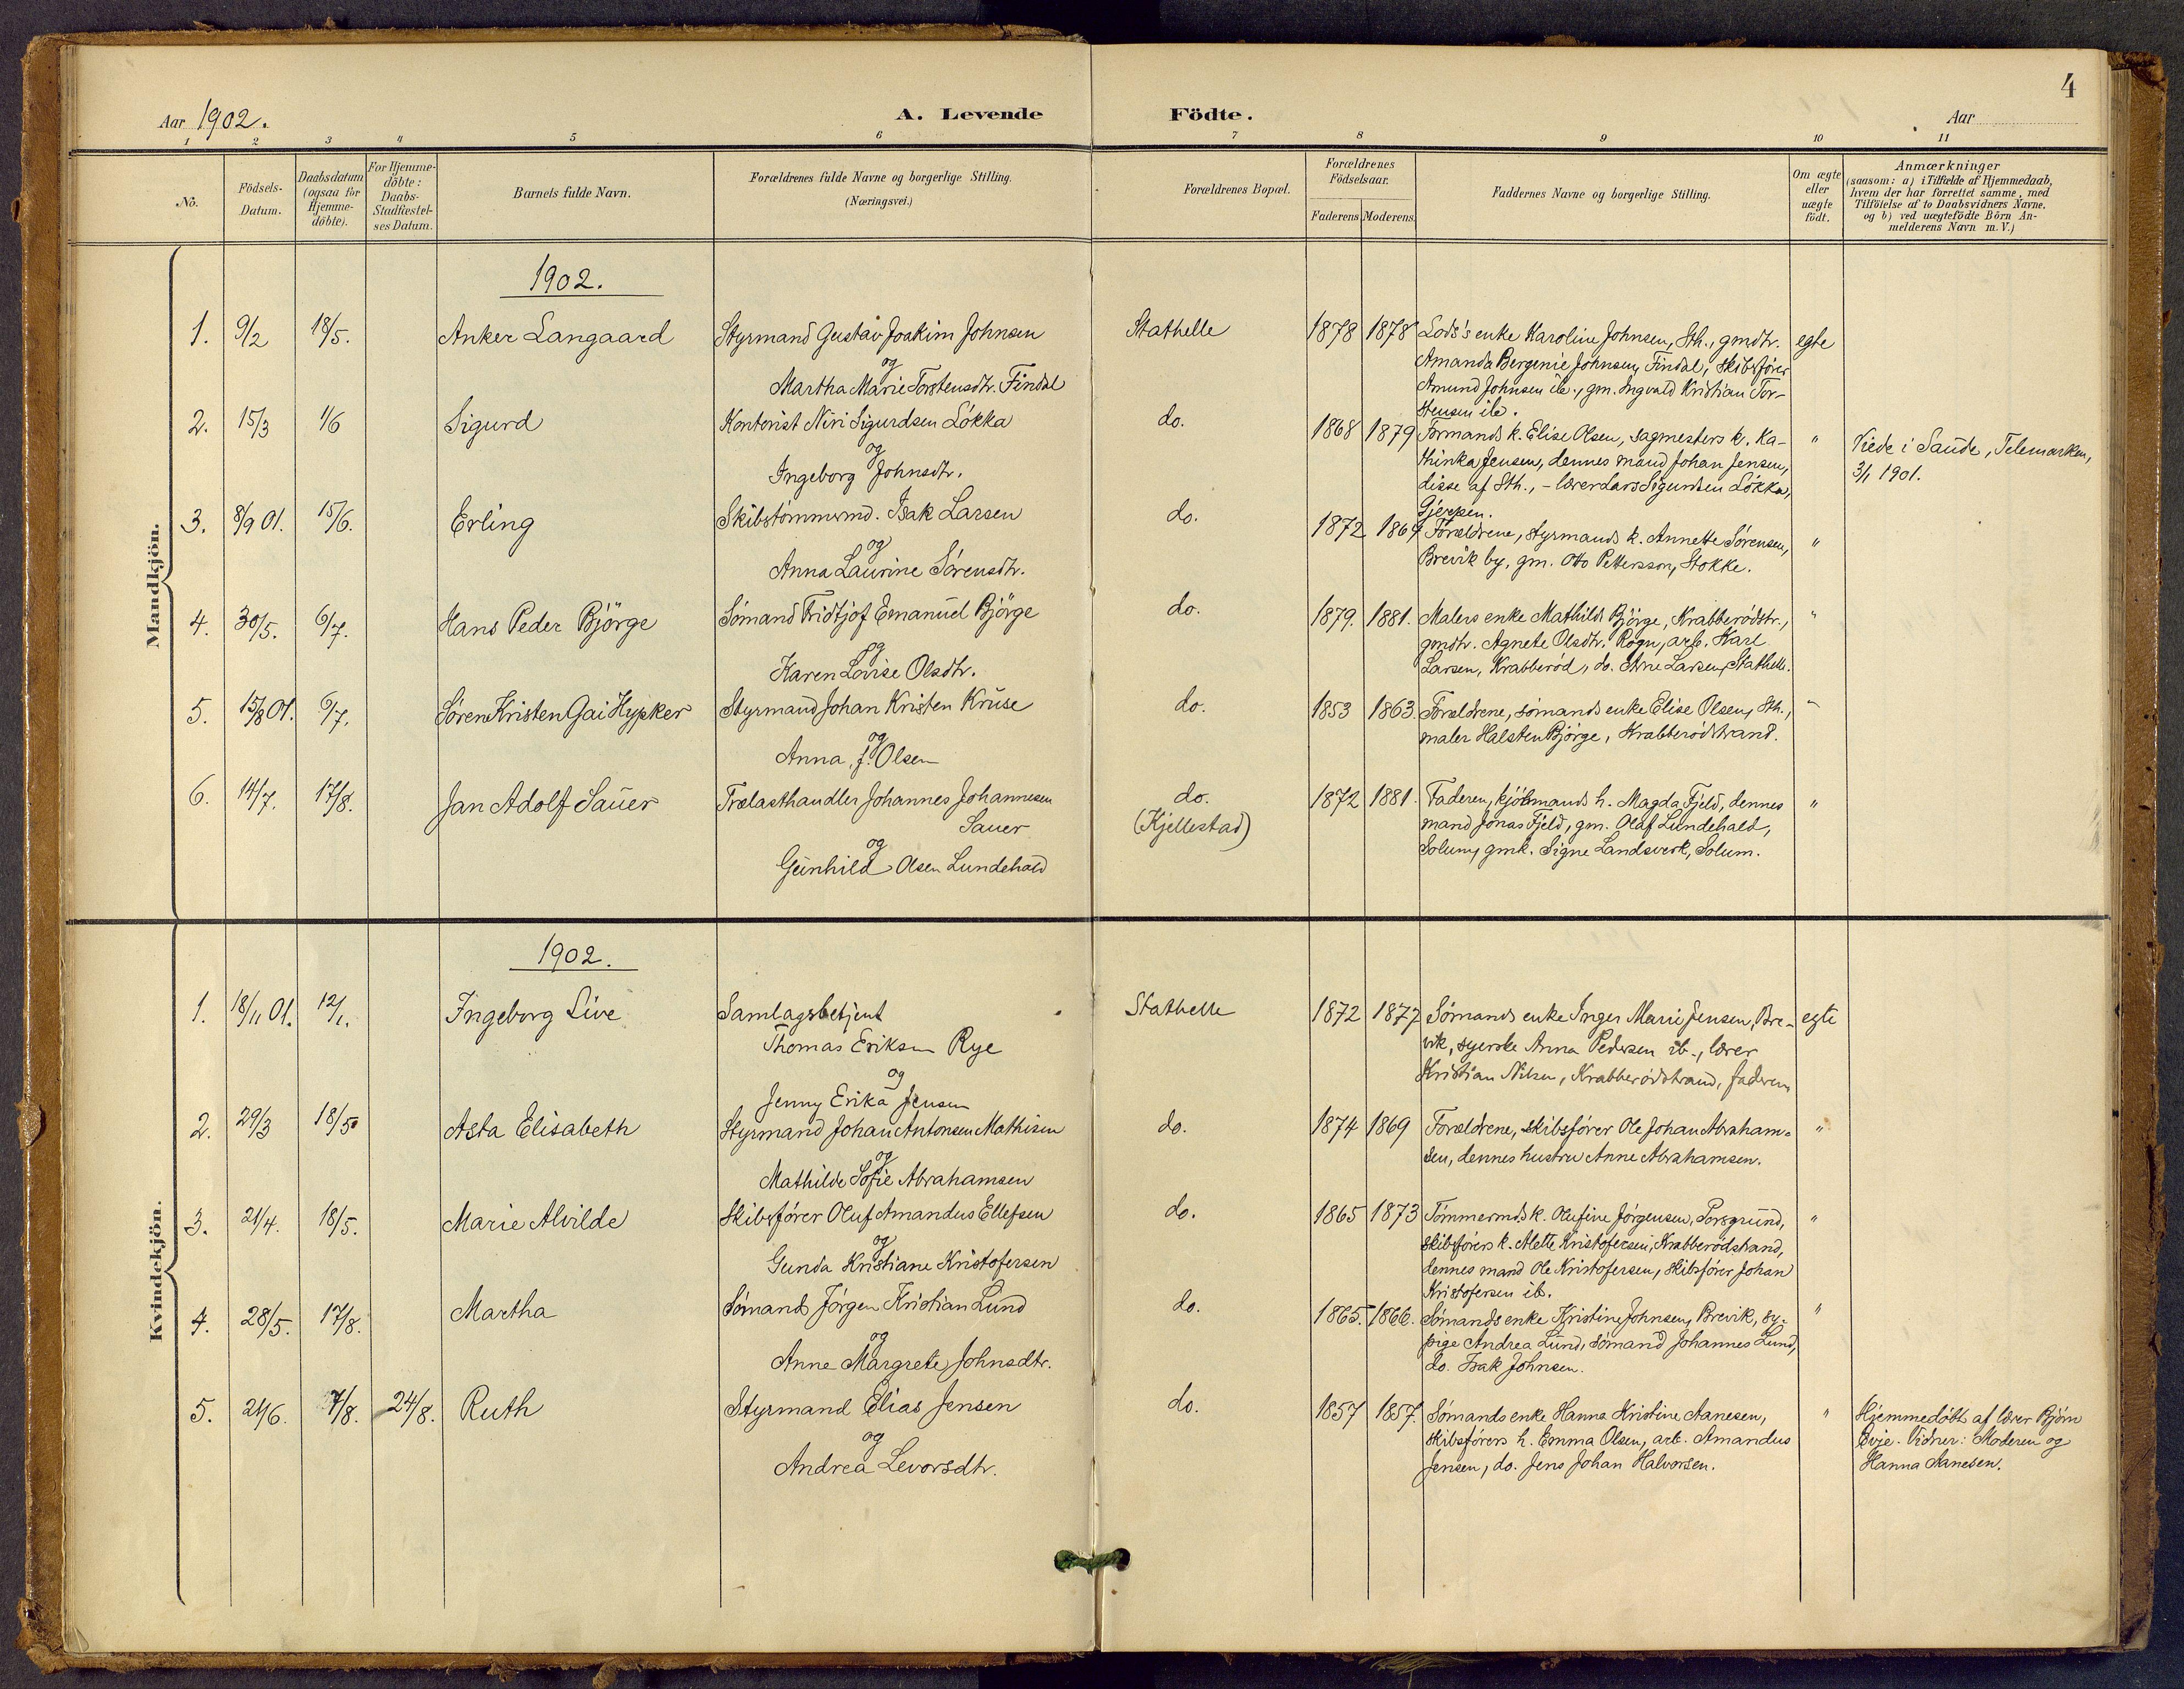 SAKO, Bamble kirkebøker, F/Fb/L0002: Ministerialbok nr. II 2, 1900-1921, s. 4